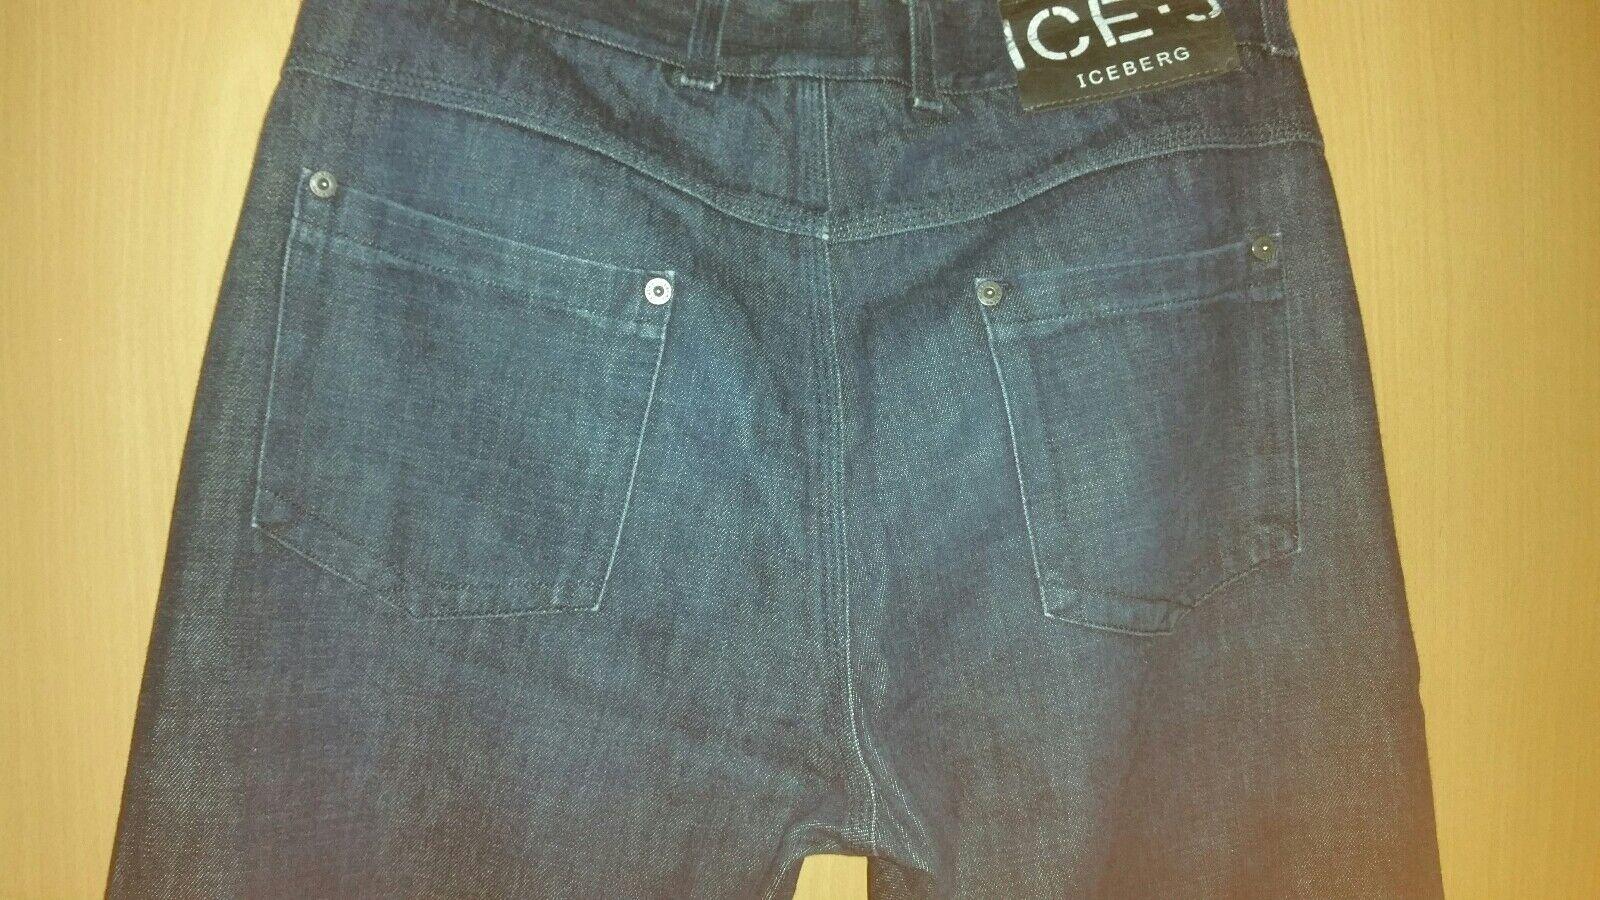 Iceberg Jeanshose | Üppiges Üppiges Üppiges Design  76552e